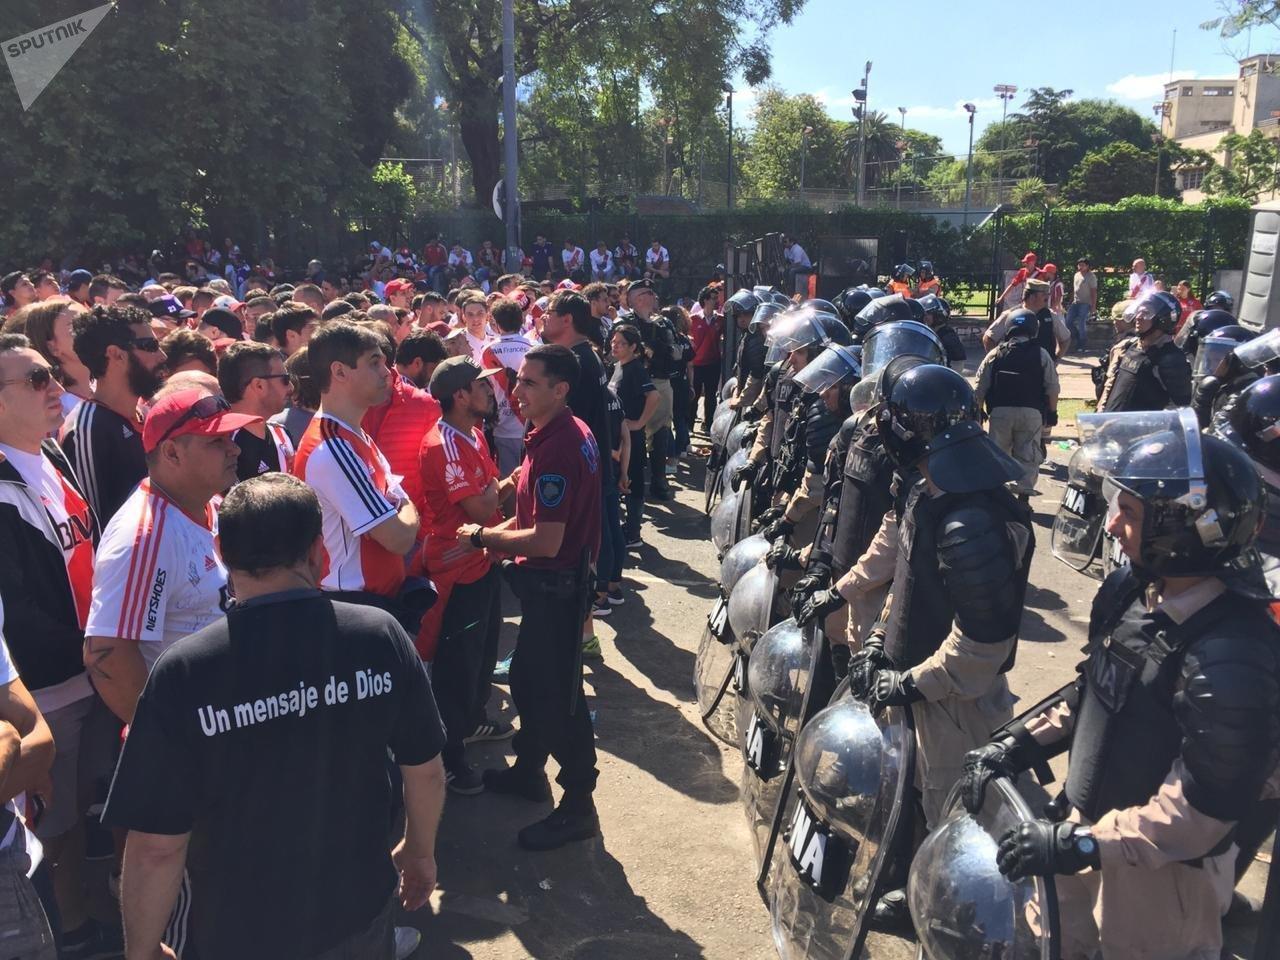 Las hinchas de River Plate ante la final de la Copa Libertadores 2018